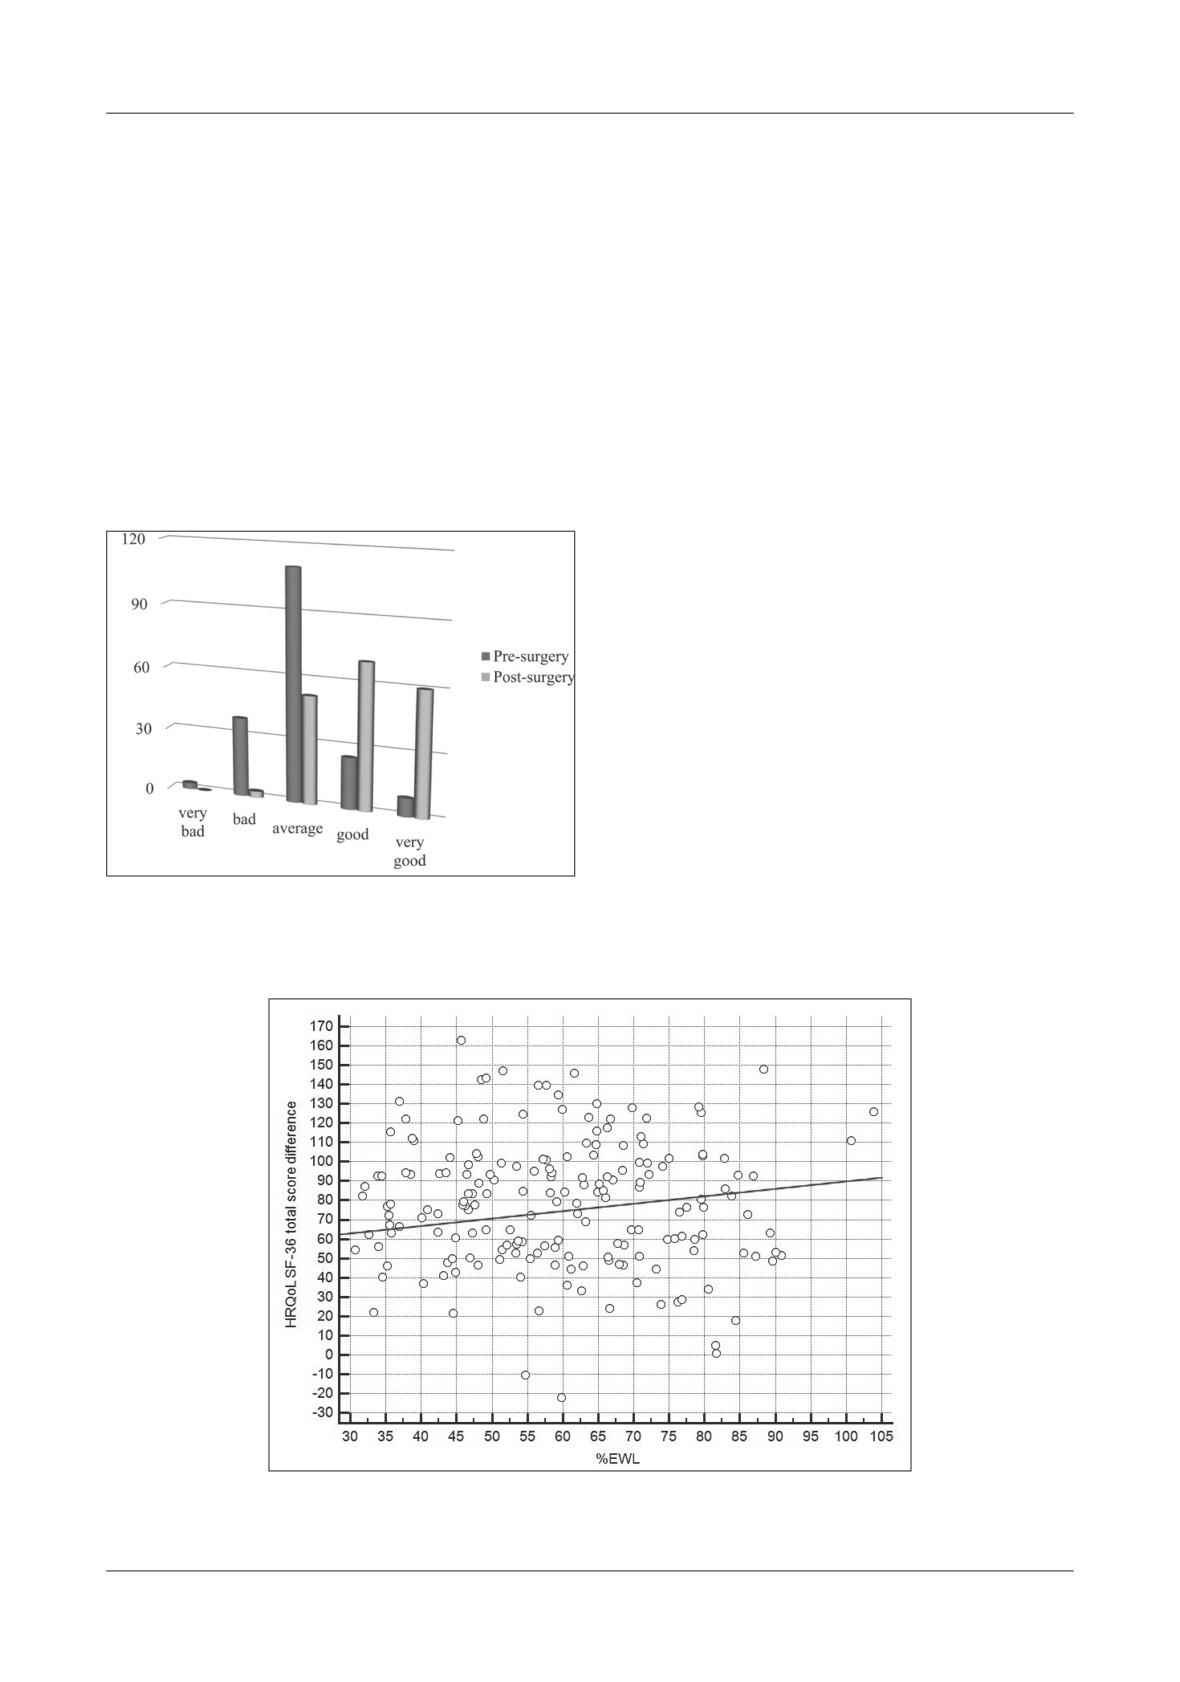 statistici ale recenziilor de opțiuni binare evaluarea opțiunilor binare timp de 60 de secunde